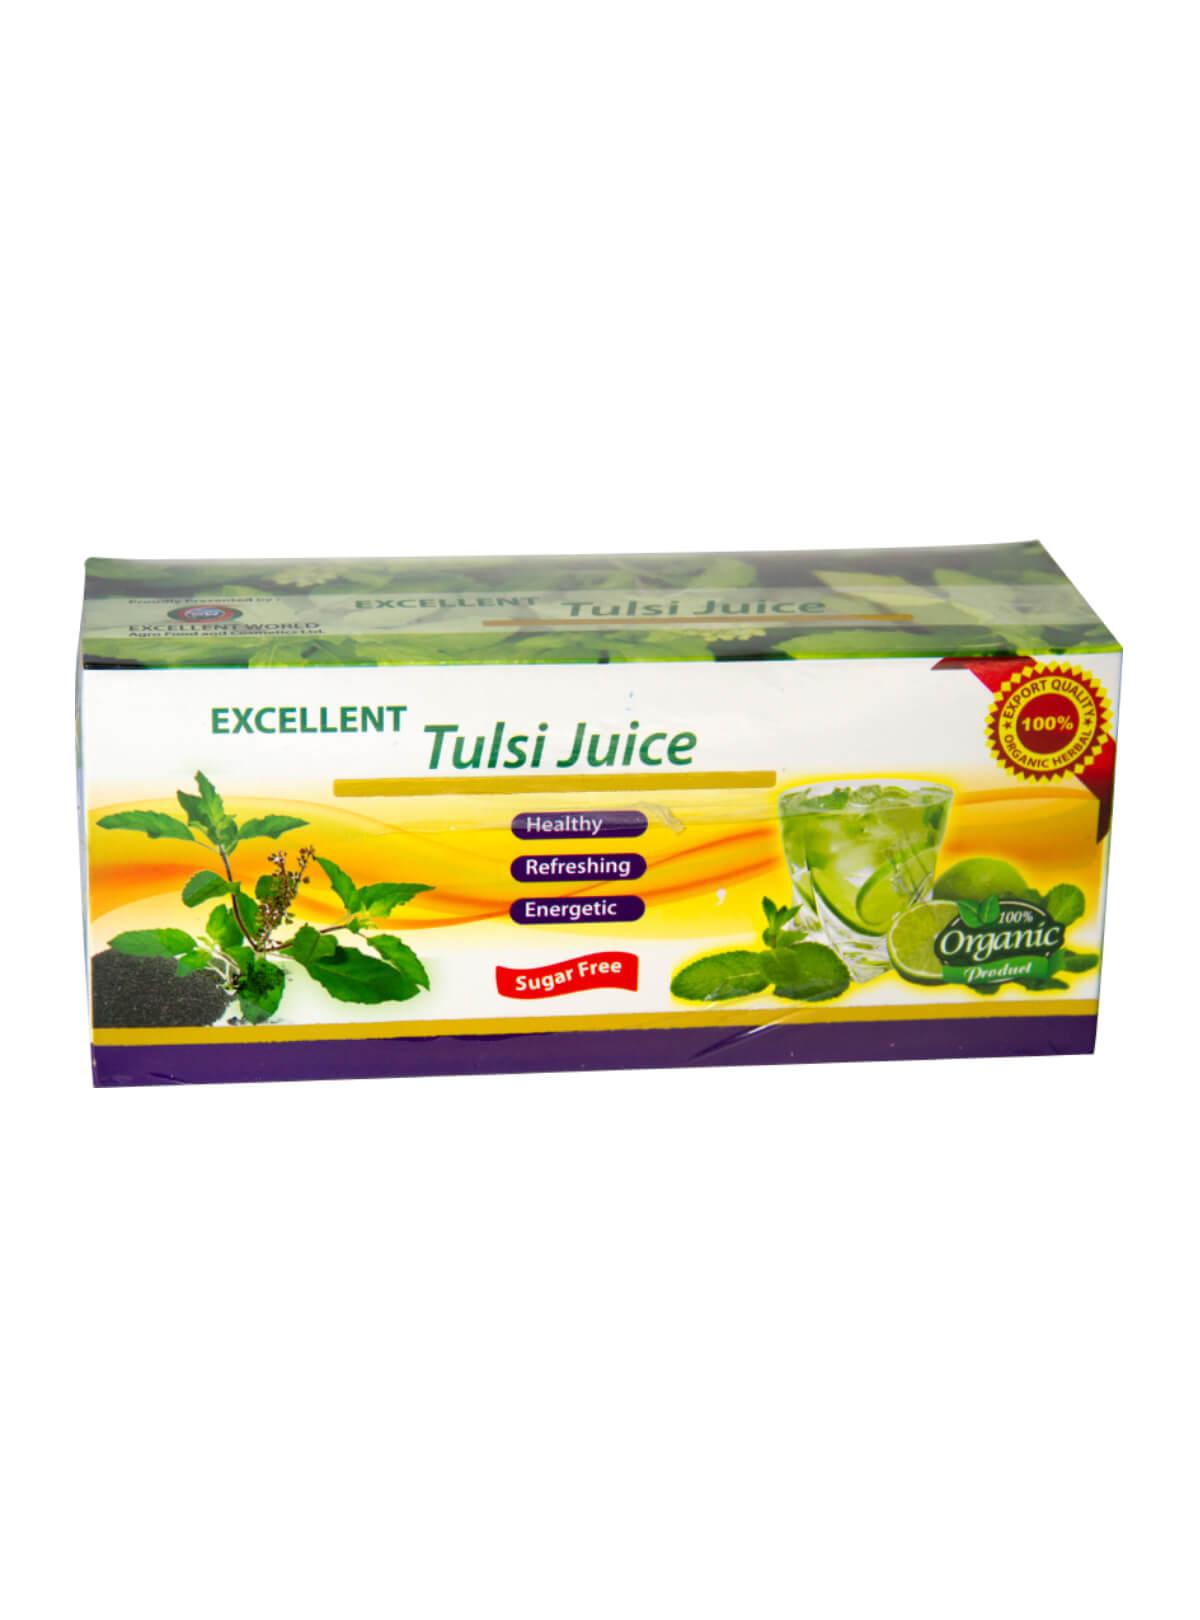 Excellent Tulsi Juice